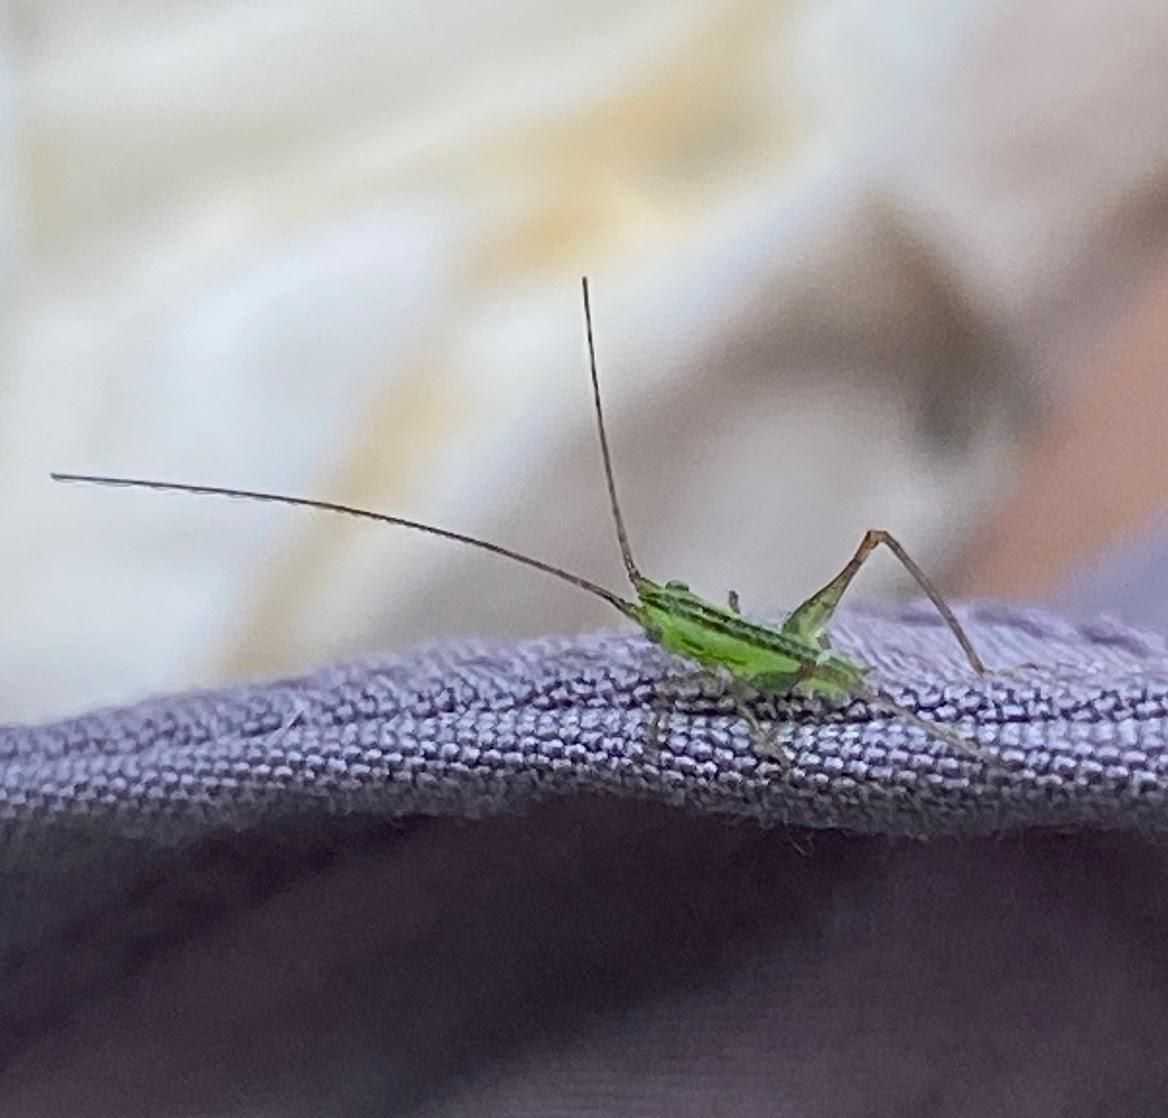 mini grasshopper